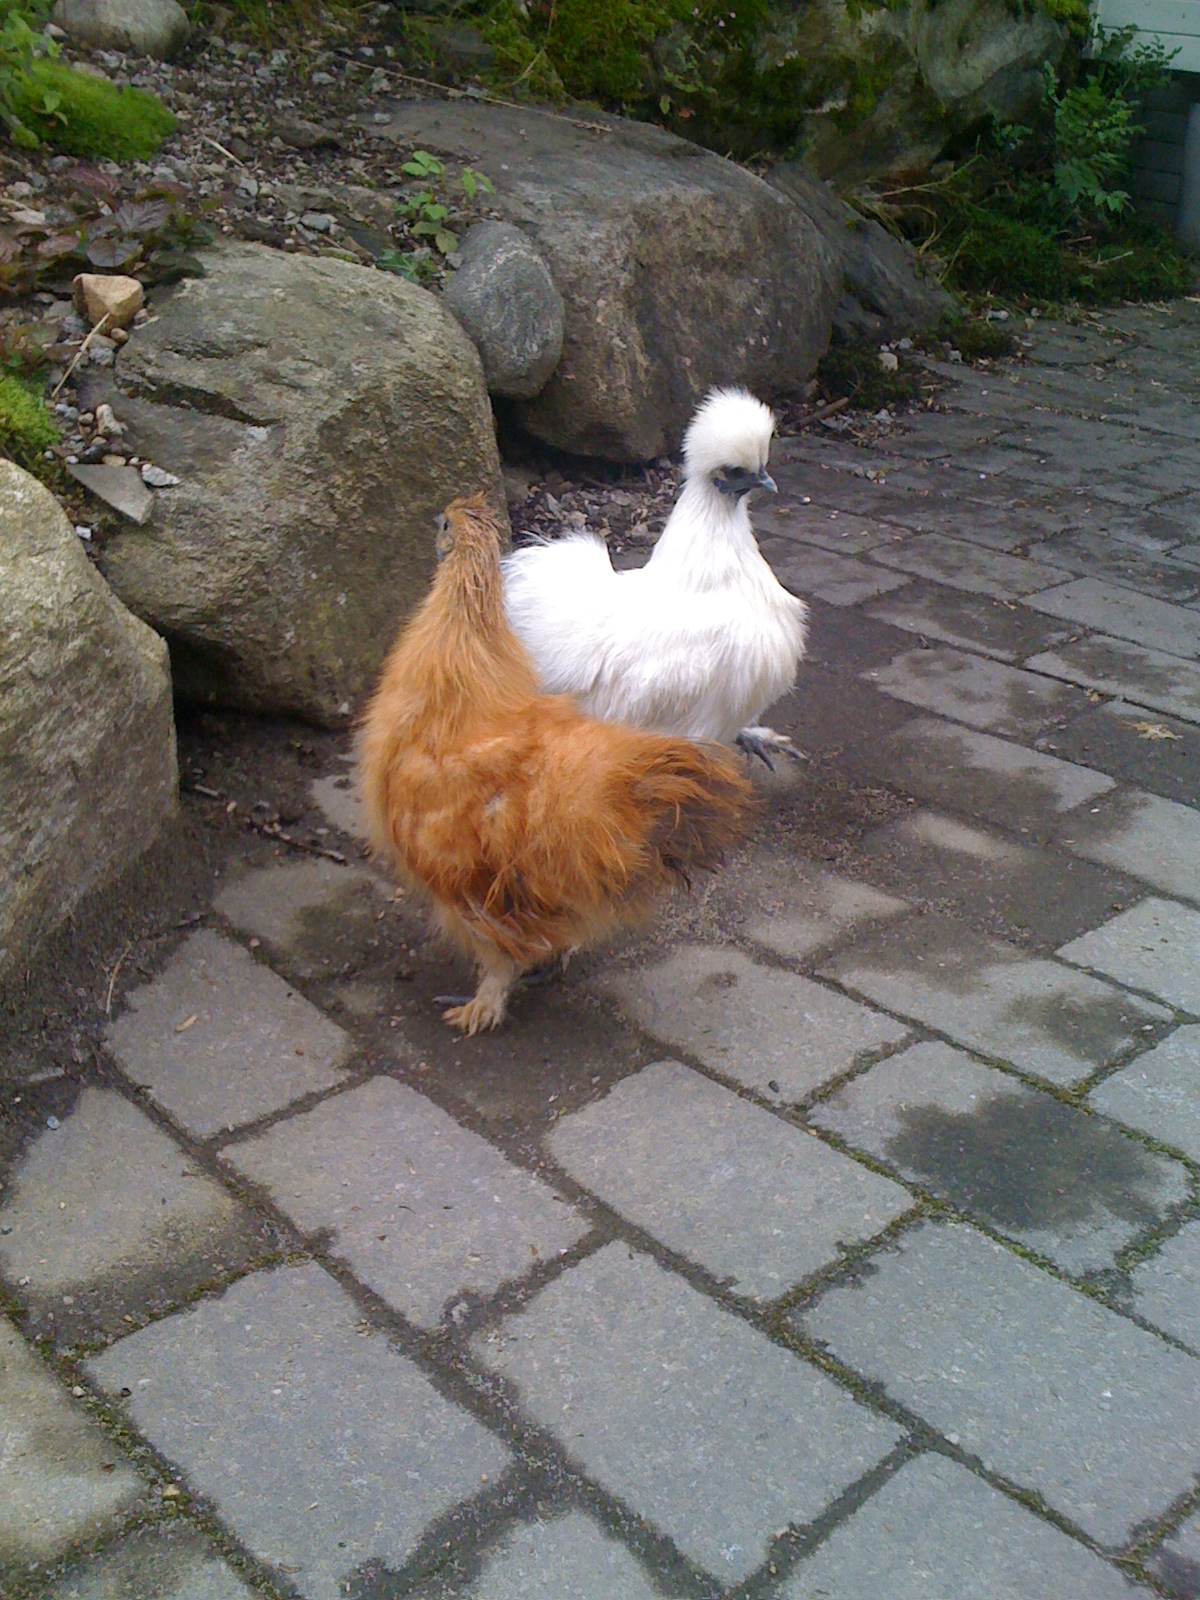 fra kylling til høne